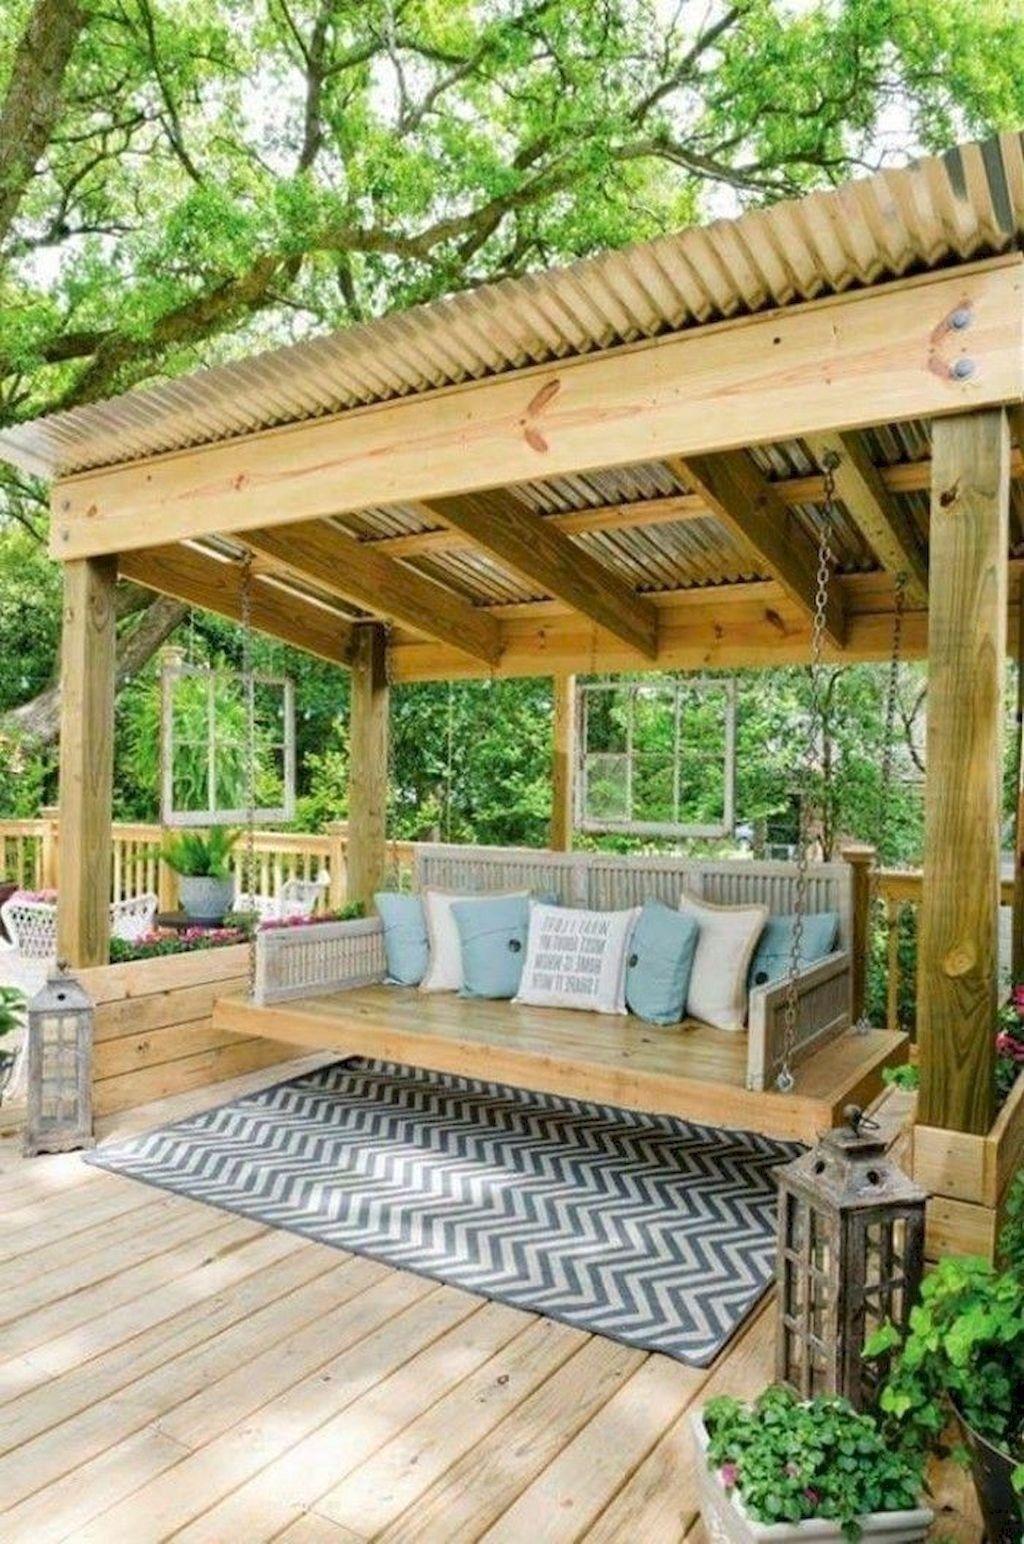 39 exciting diy backyard gazebo design ideas backyard on wow awesome backyard patio designs ideas for copy id=40666